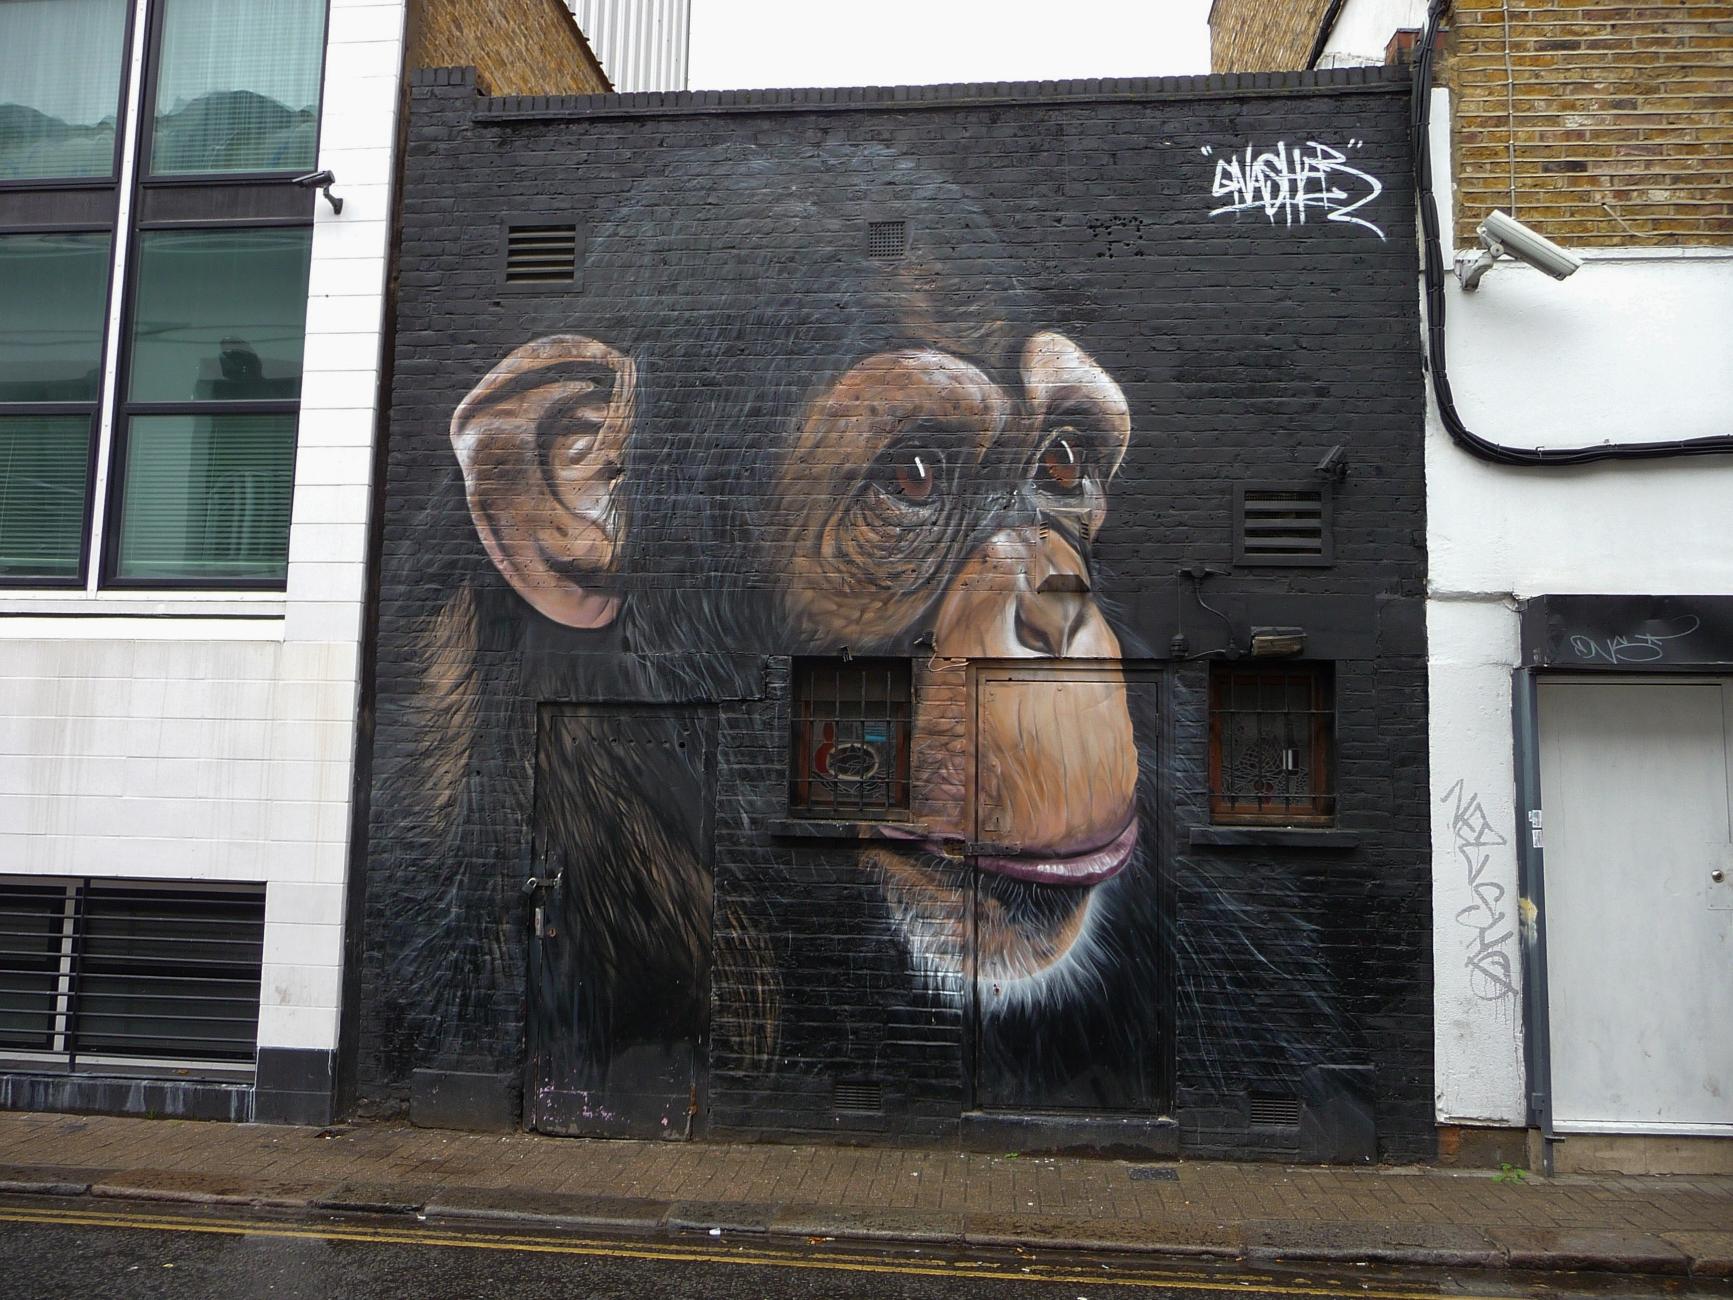 Favourite graffiti in Camden